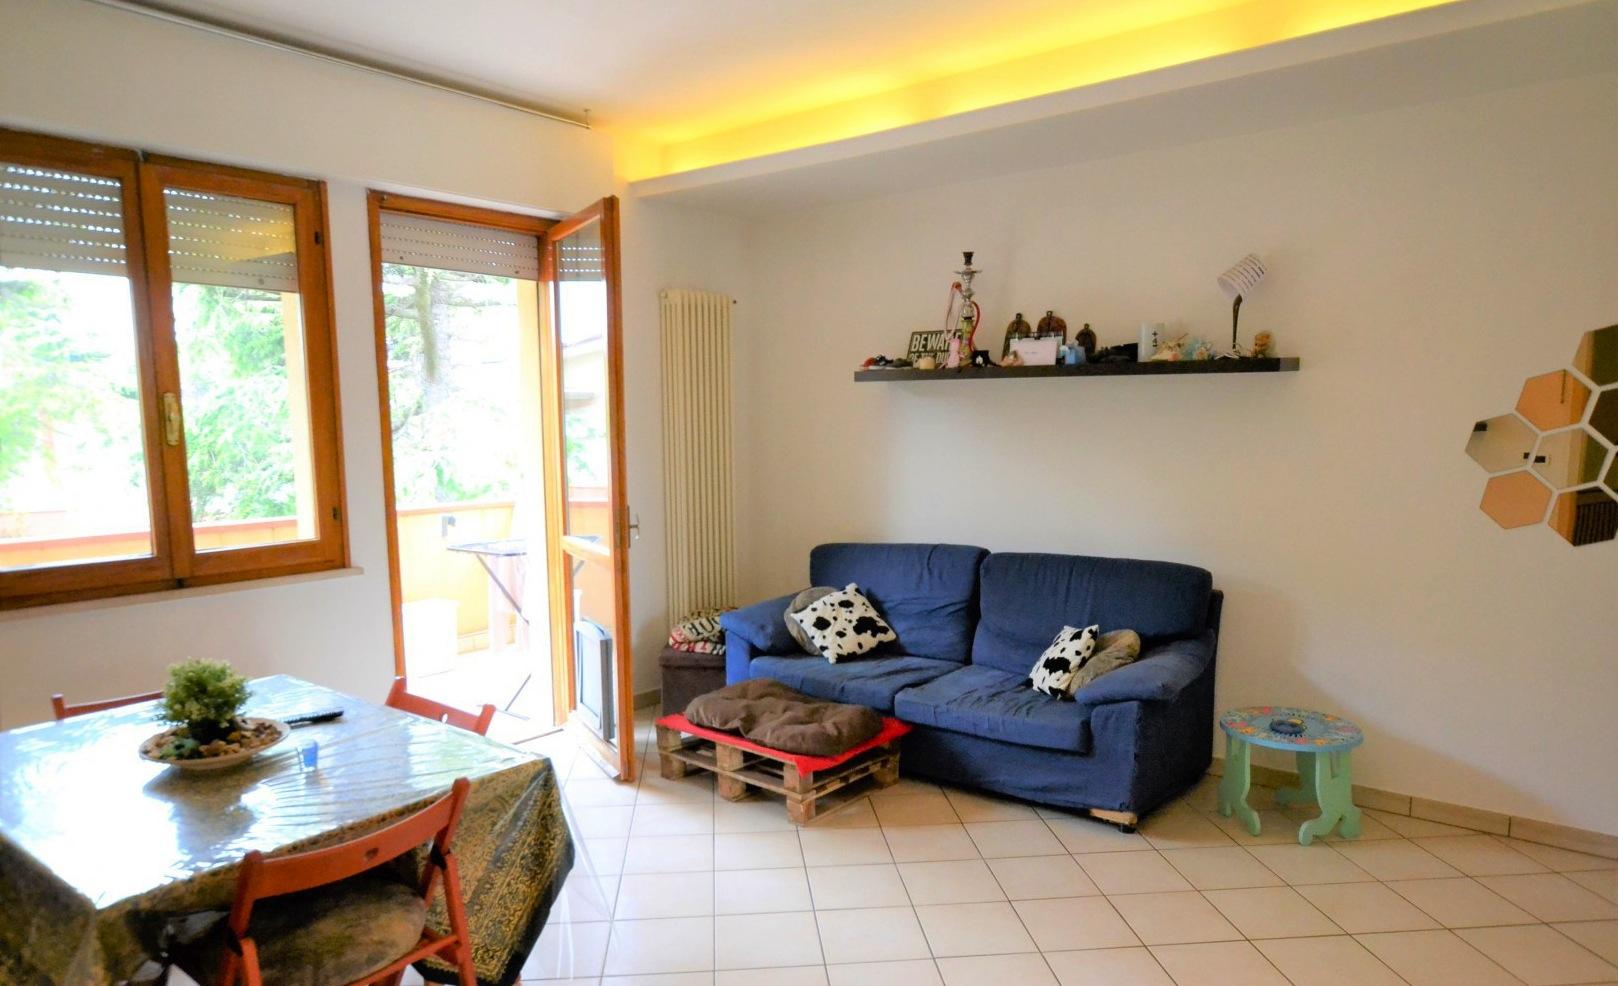 RICCIONE PUNTA DELL'EST, Attico in vendita con terrazzi abitabili